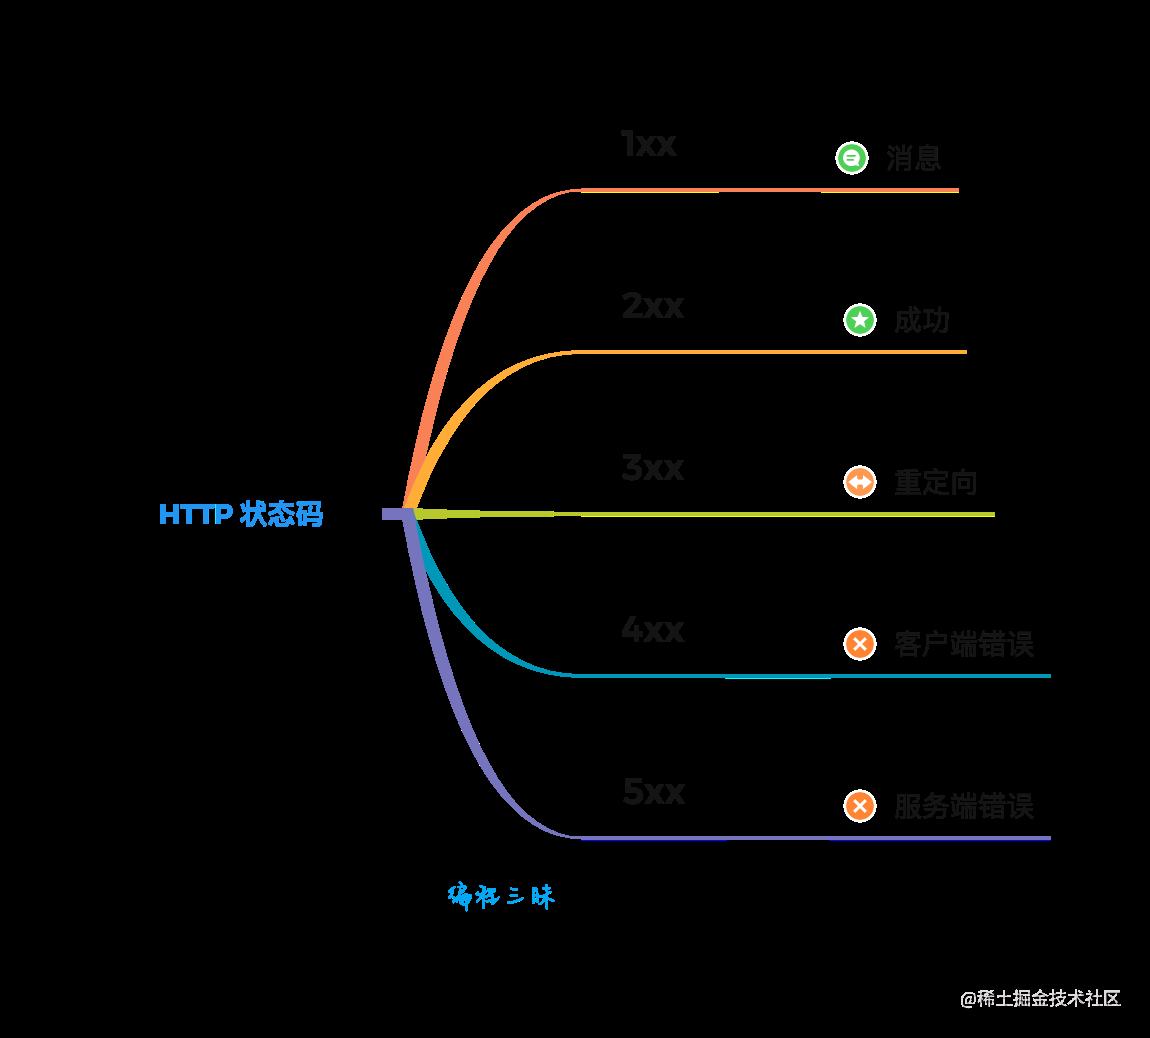 HTTP 状态码分类